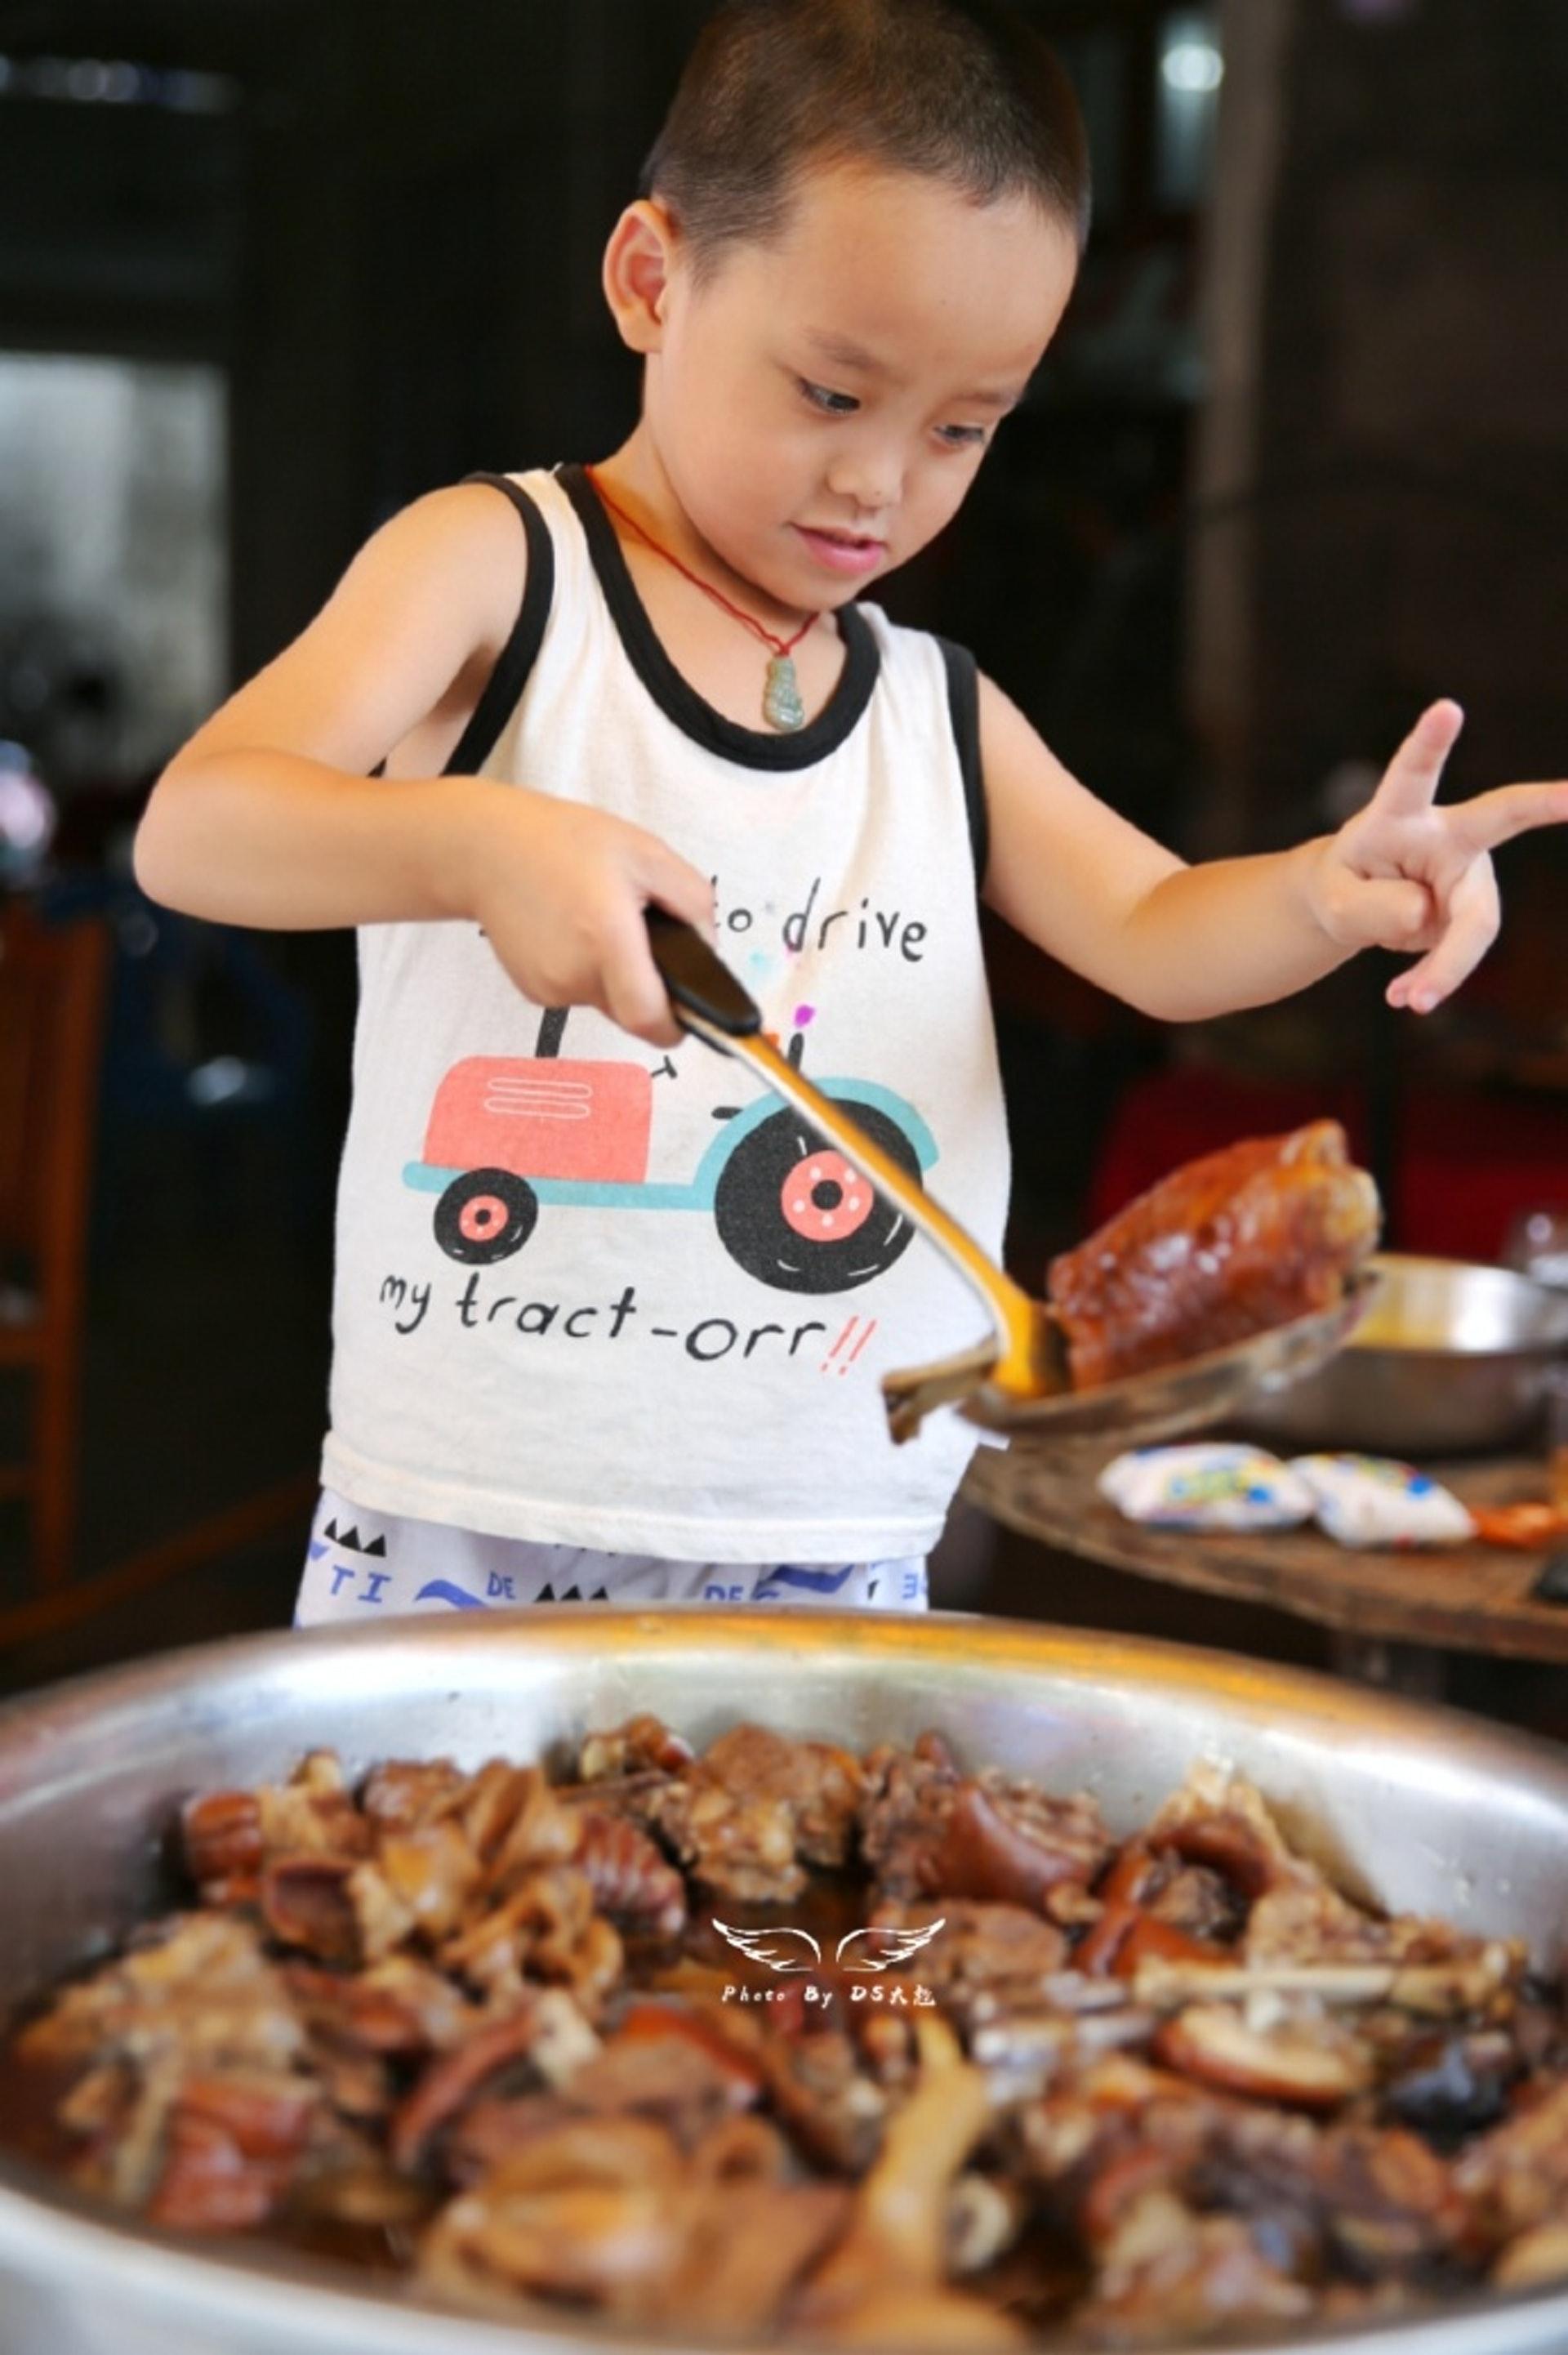 天真的小孩對狗肉似乎不抗拒。(微博)